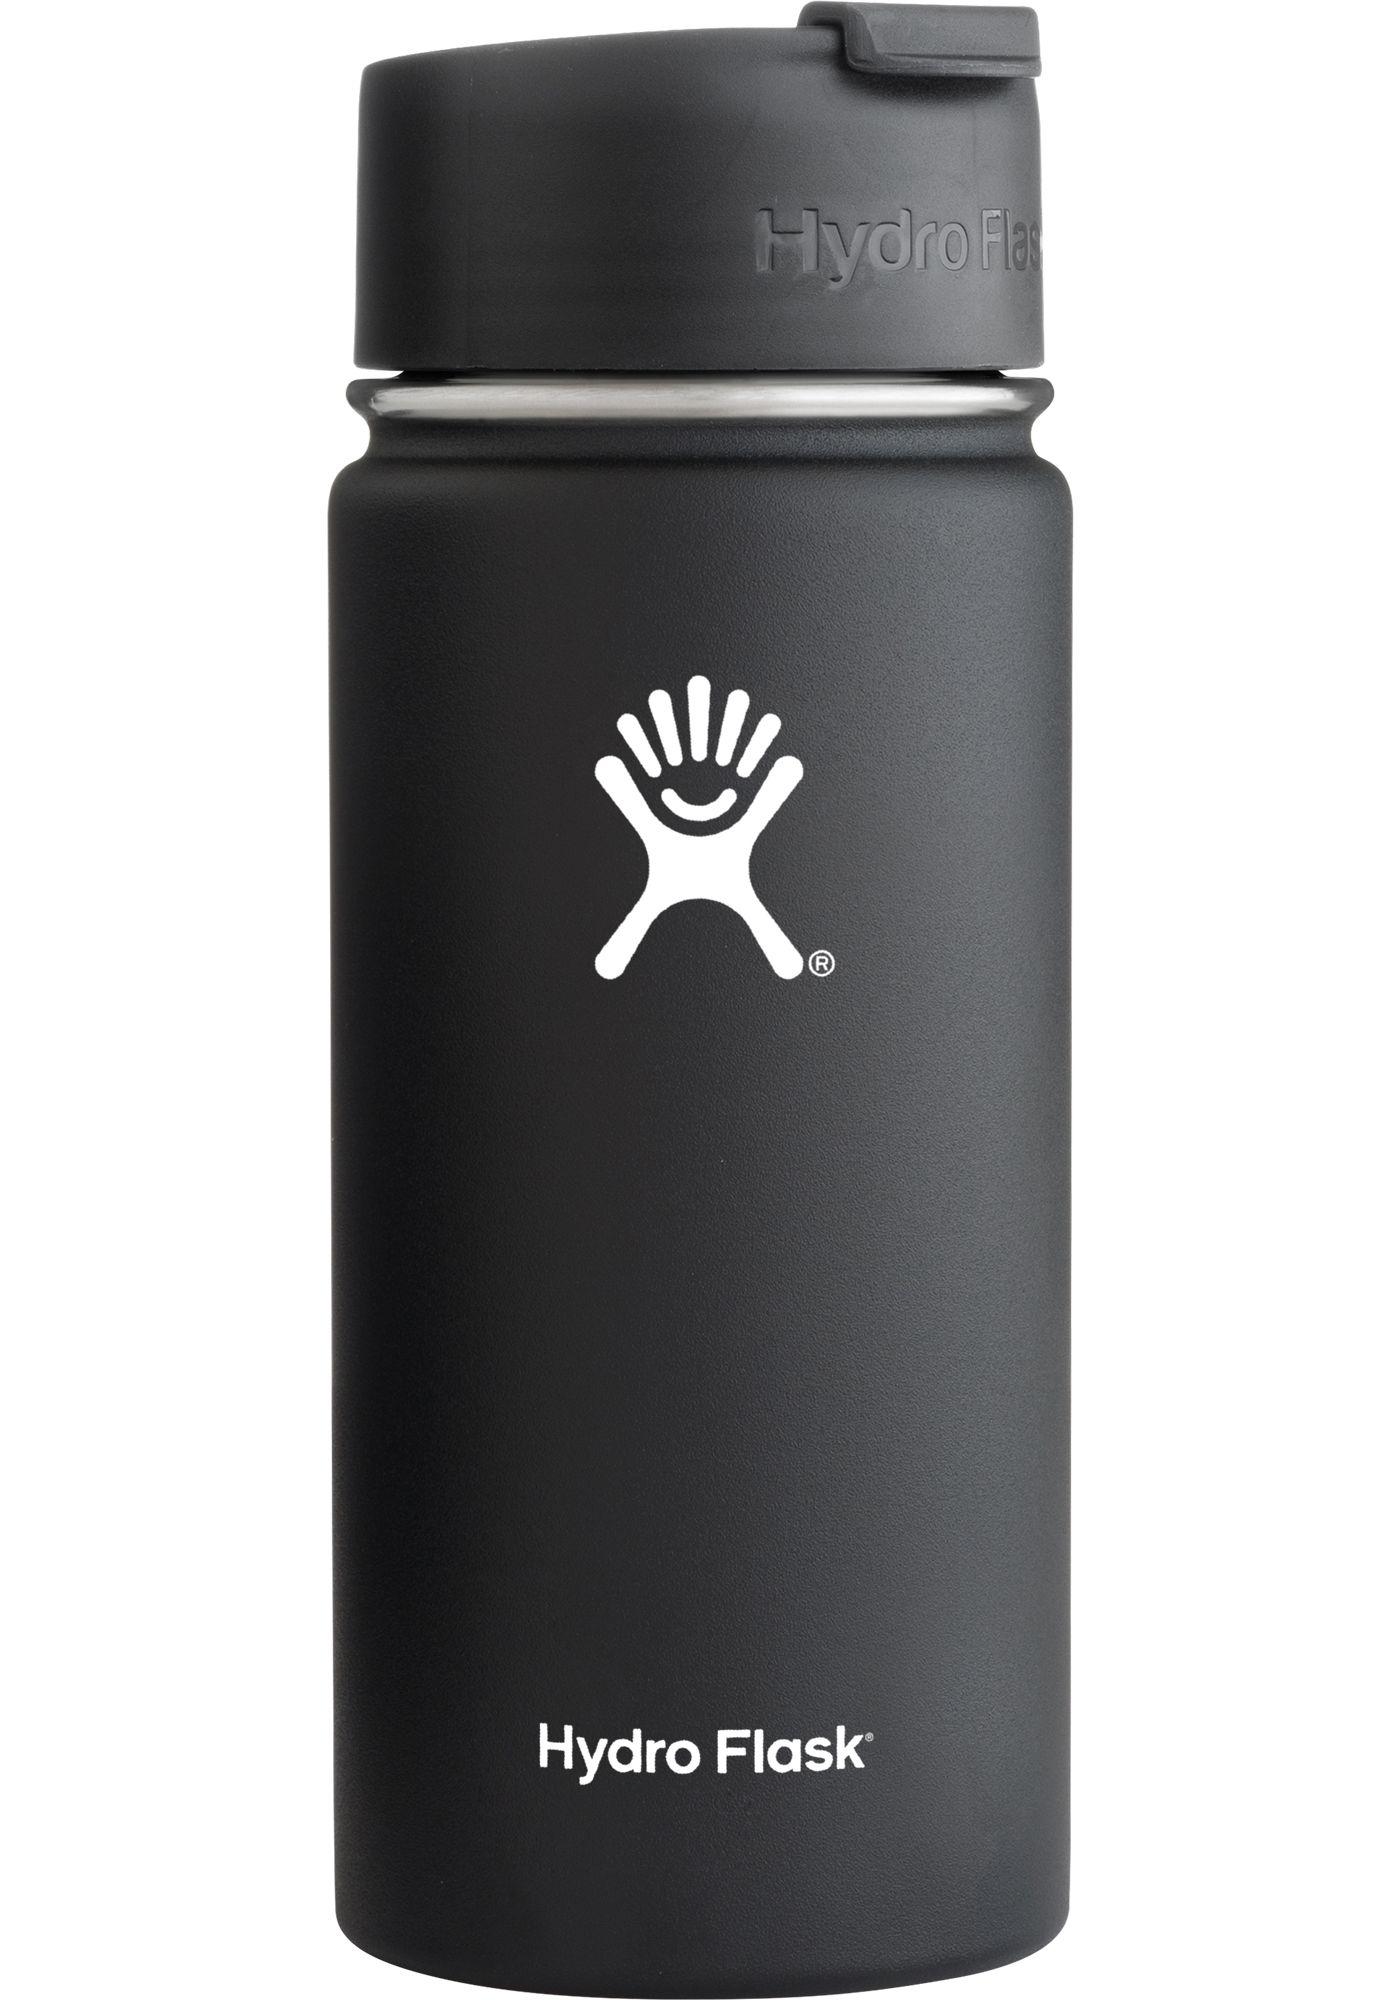 Hydro Flask Flip Top 16 oz. Bottle